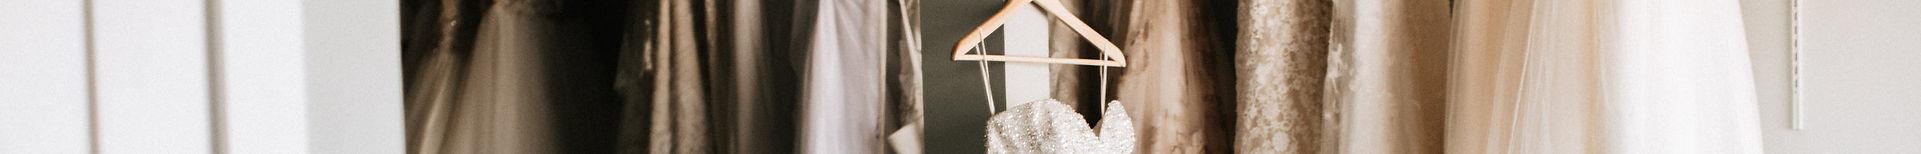 dress-carousel-2.jpg